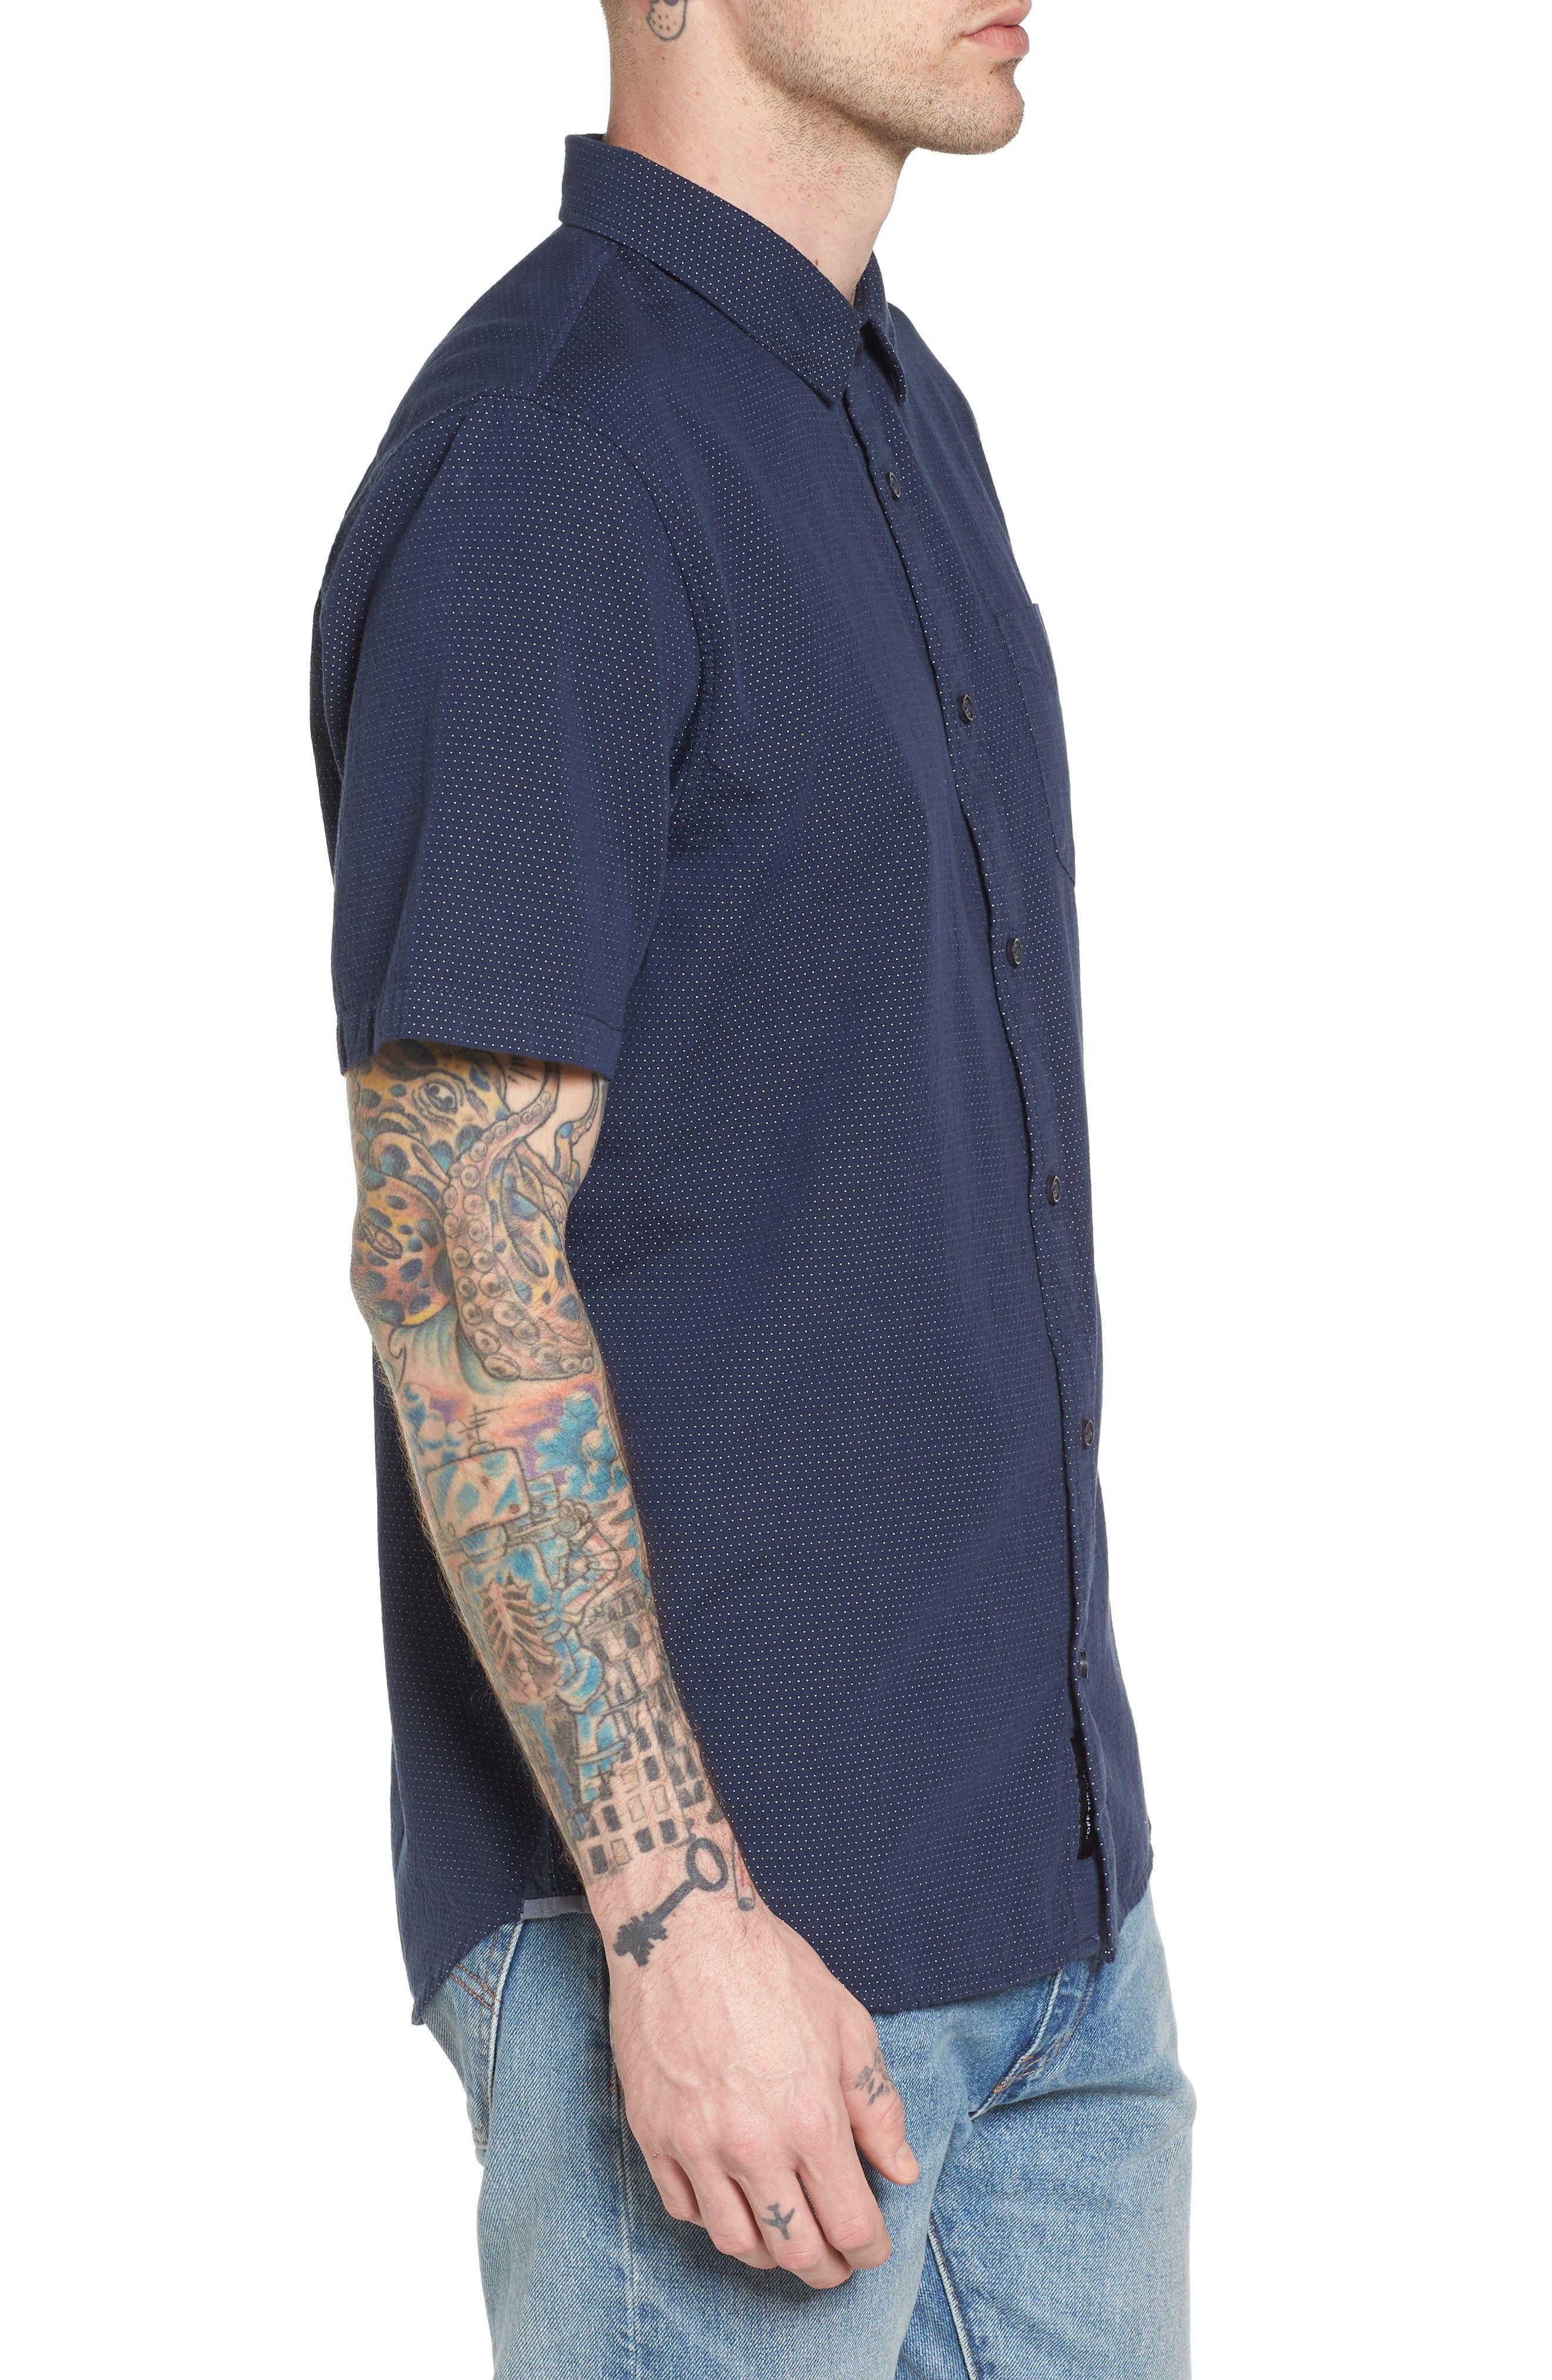 Giddings Short Sleeve Shirt,                             Alternate thumbnail 3, color,                             401